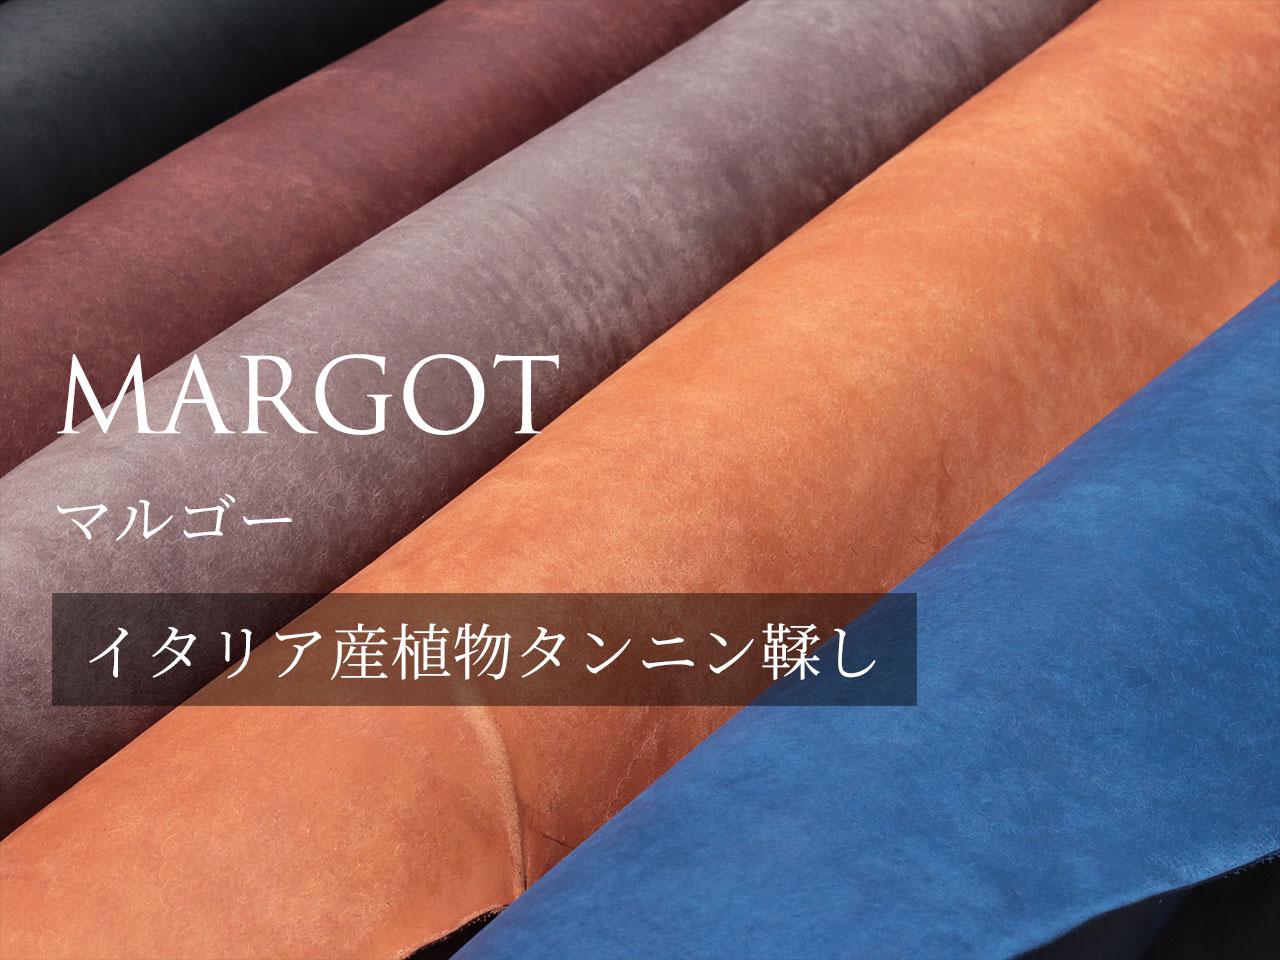 MARGOT(マルゴー)について